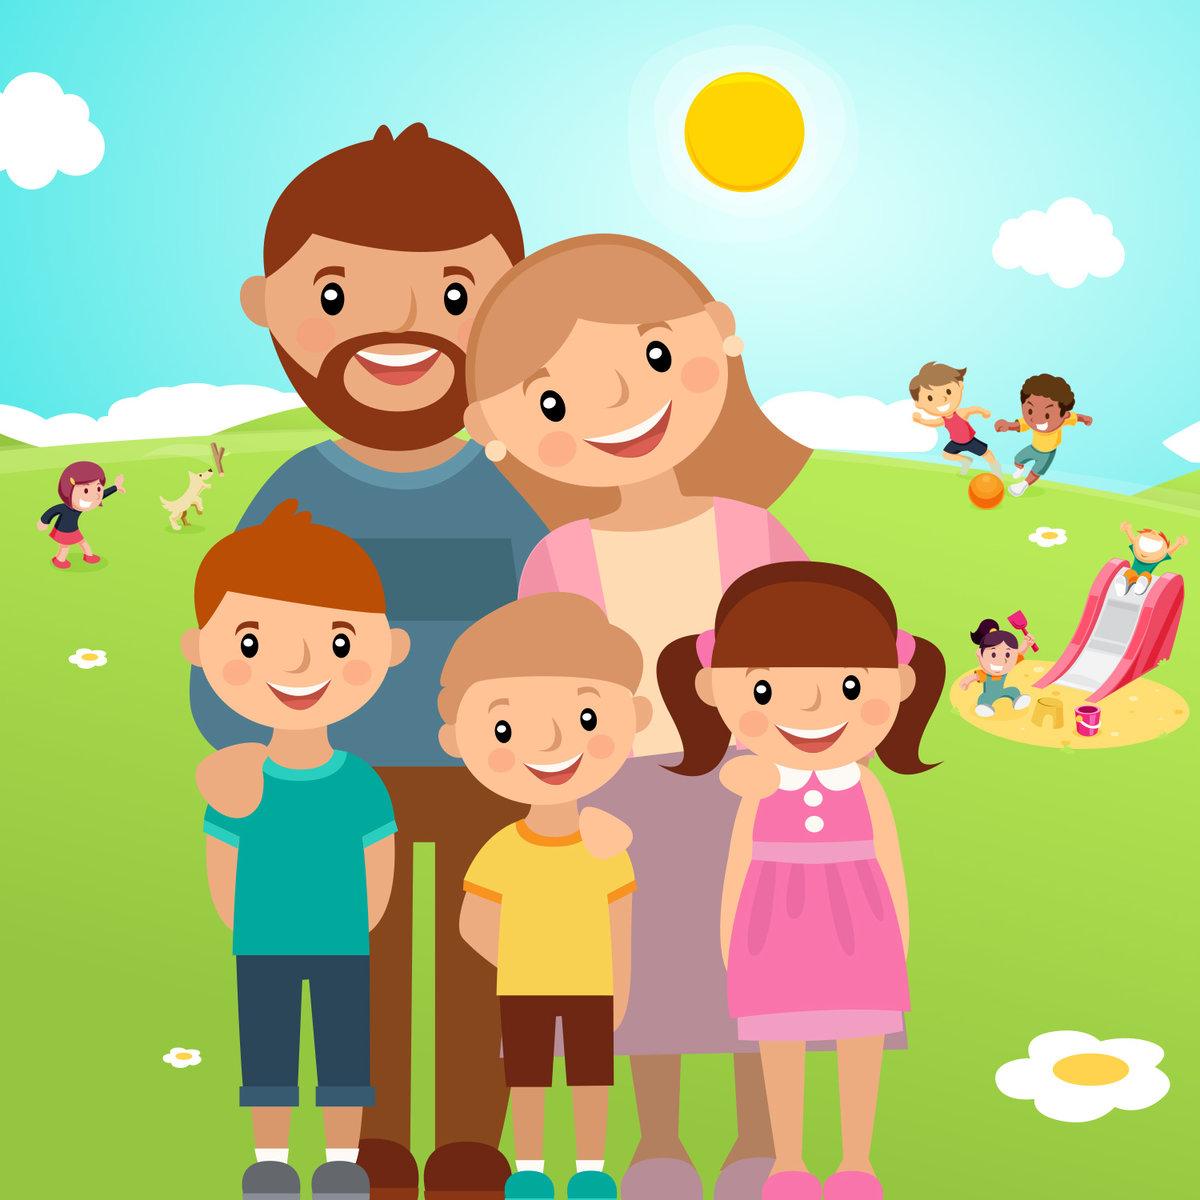 Открытка лет, мультяшные картинки семьи